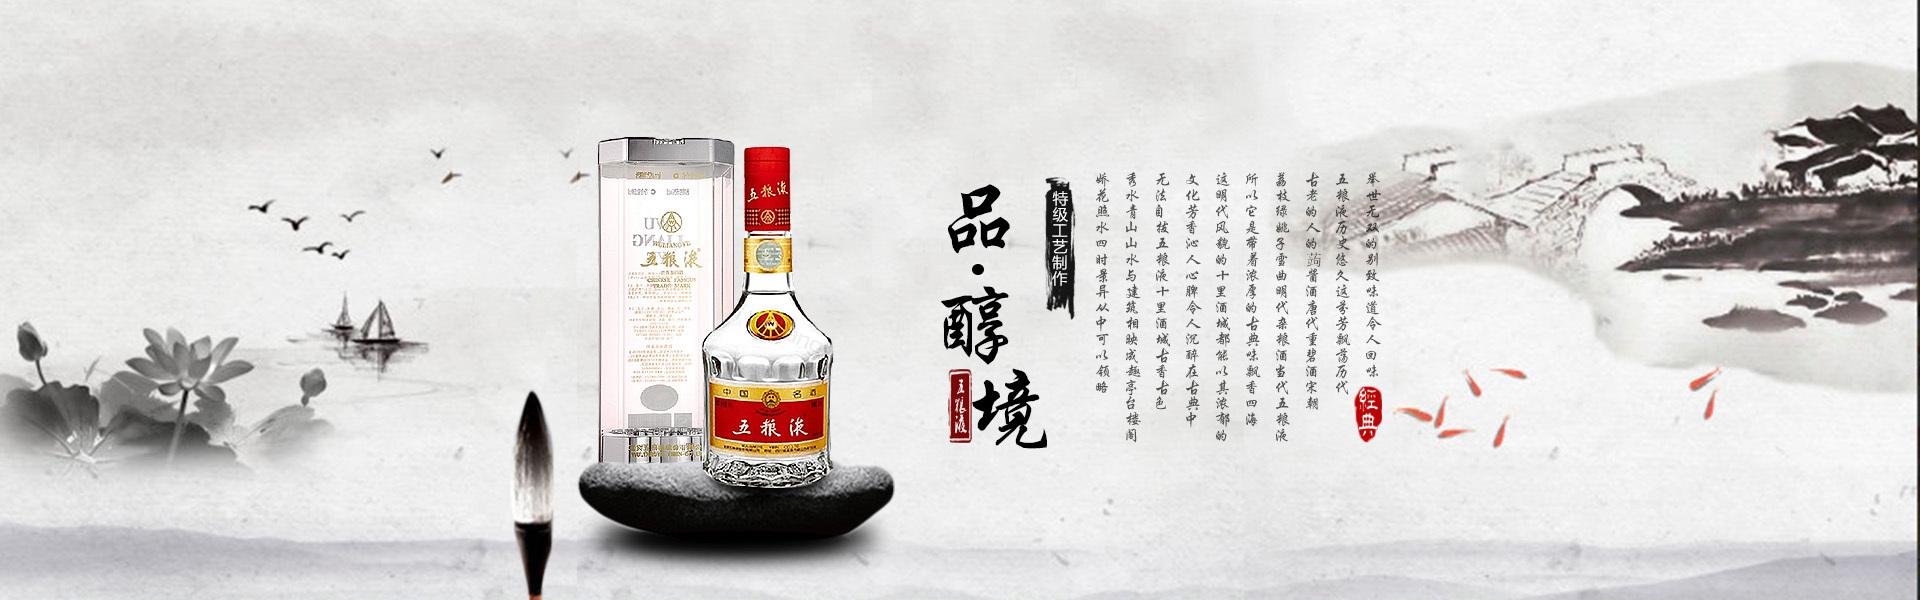 首页白酒海报~|网页|banner/广告图|若初lr - 原创